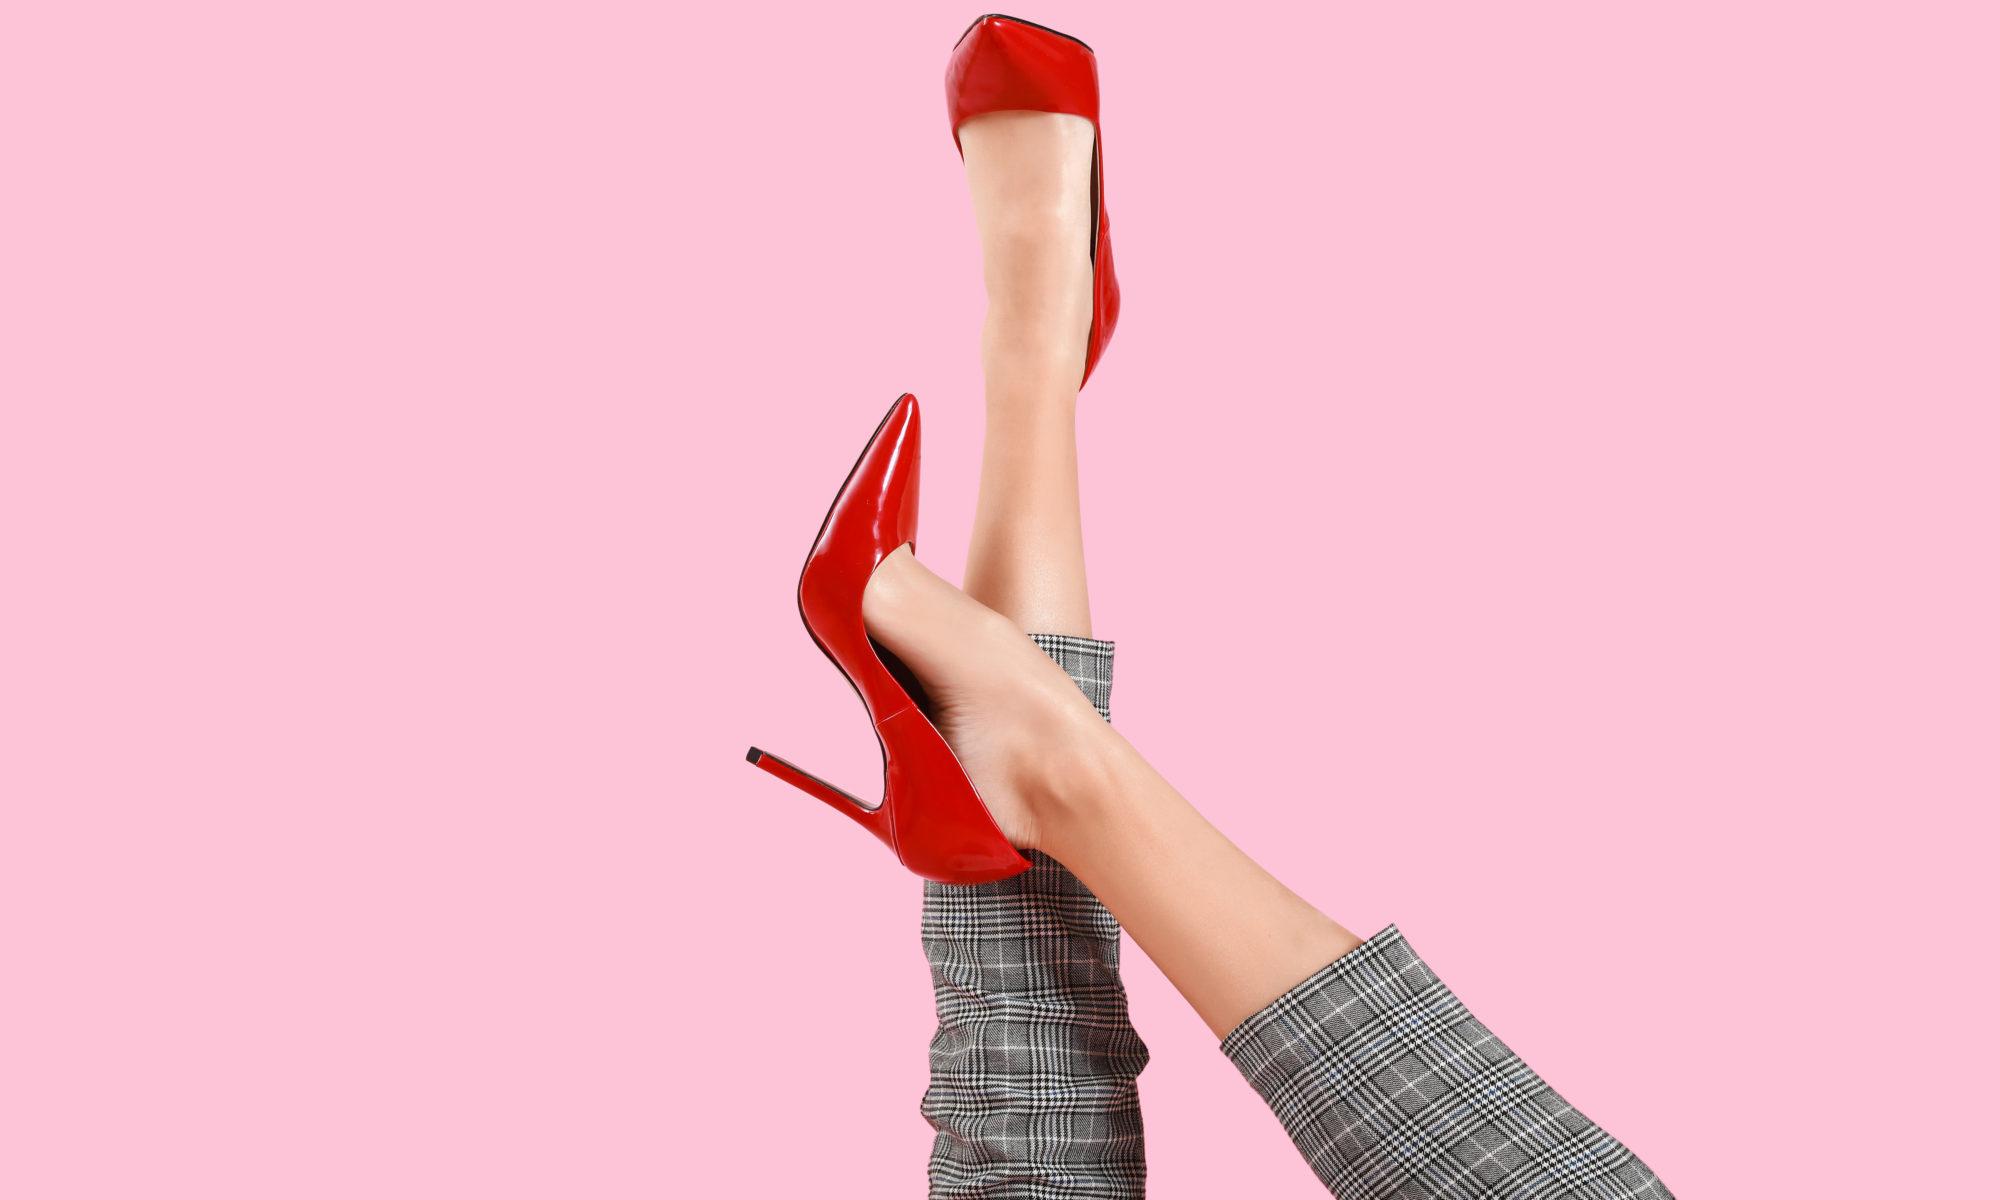 kobiece nogi w czerwonych szpilkach i kraciastych cygaretkach